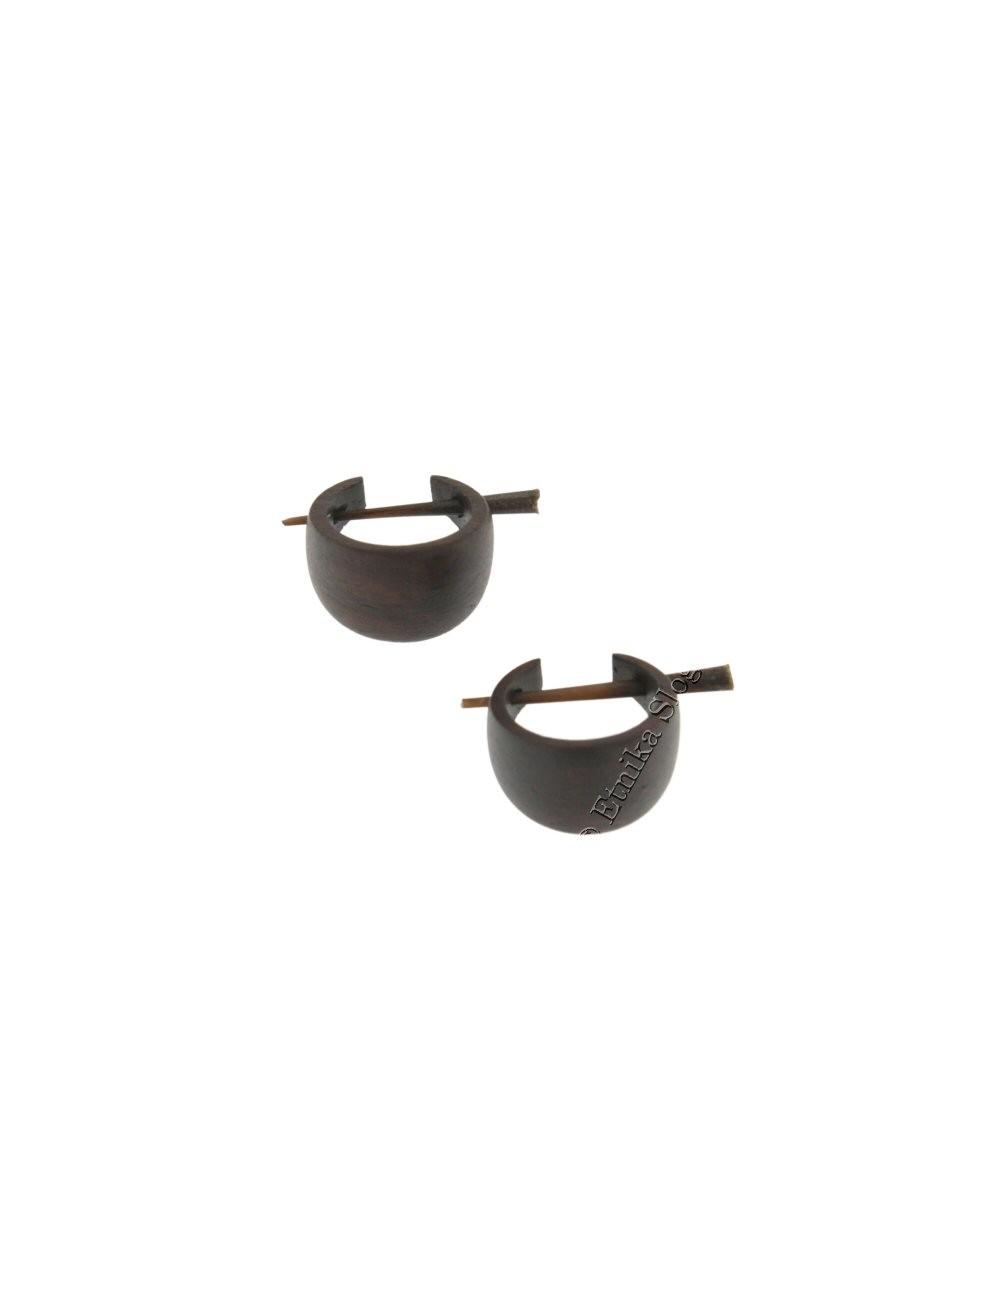 WOODEN EARRINGS LE-THO310-03 - Oriente Import S.r.l.